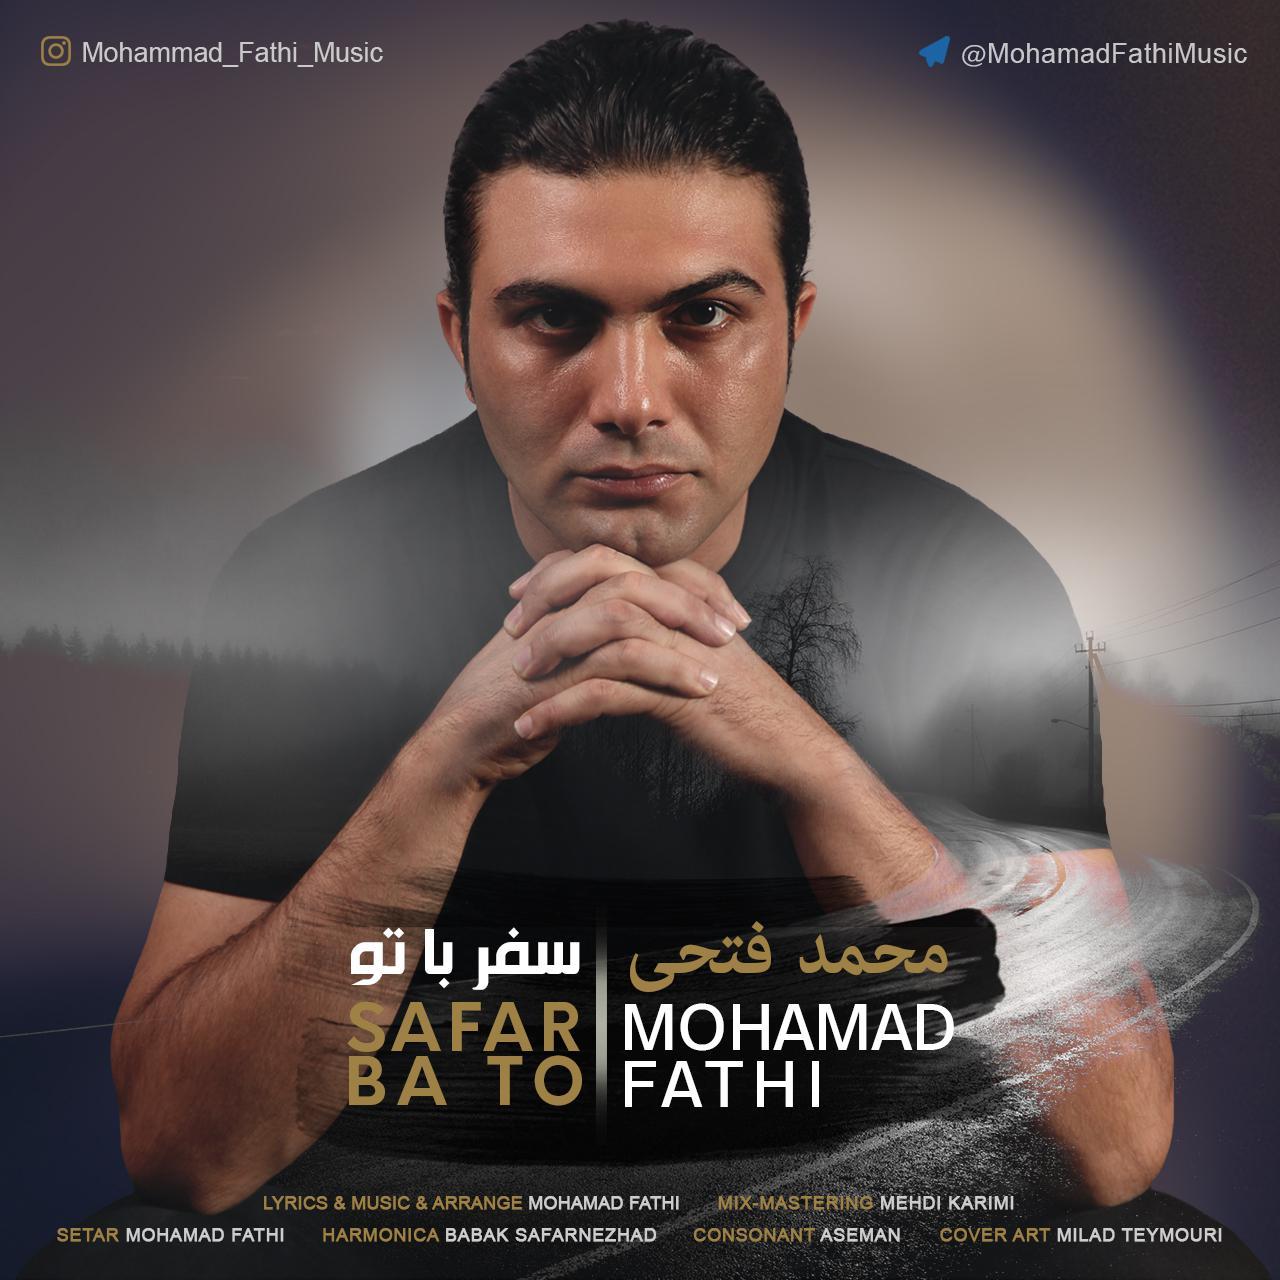 دانلود آهنگ محمد فتحی سفر با تو